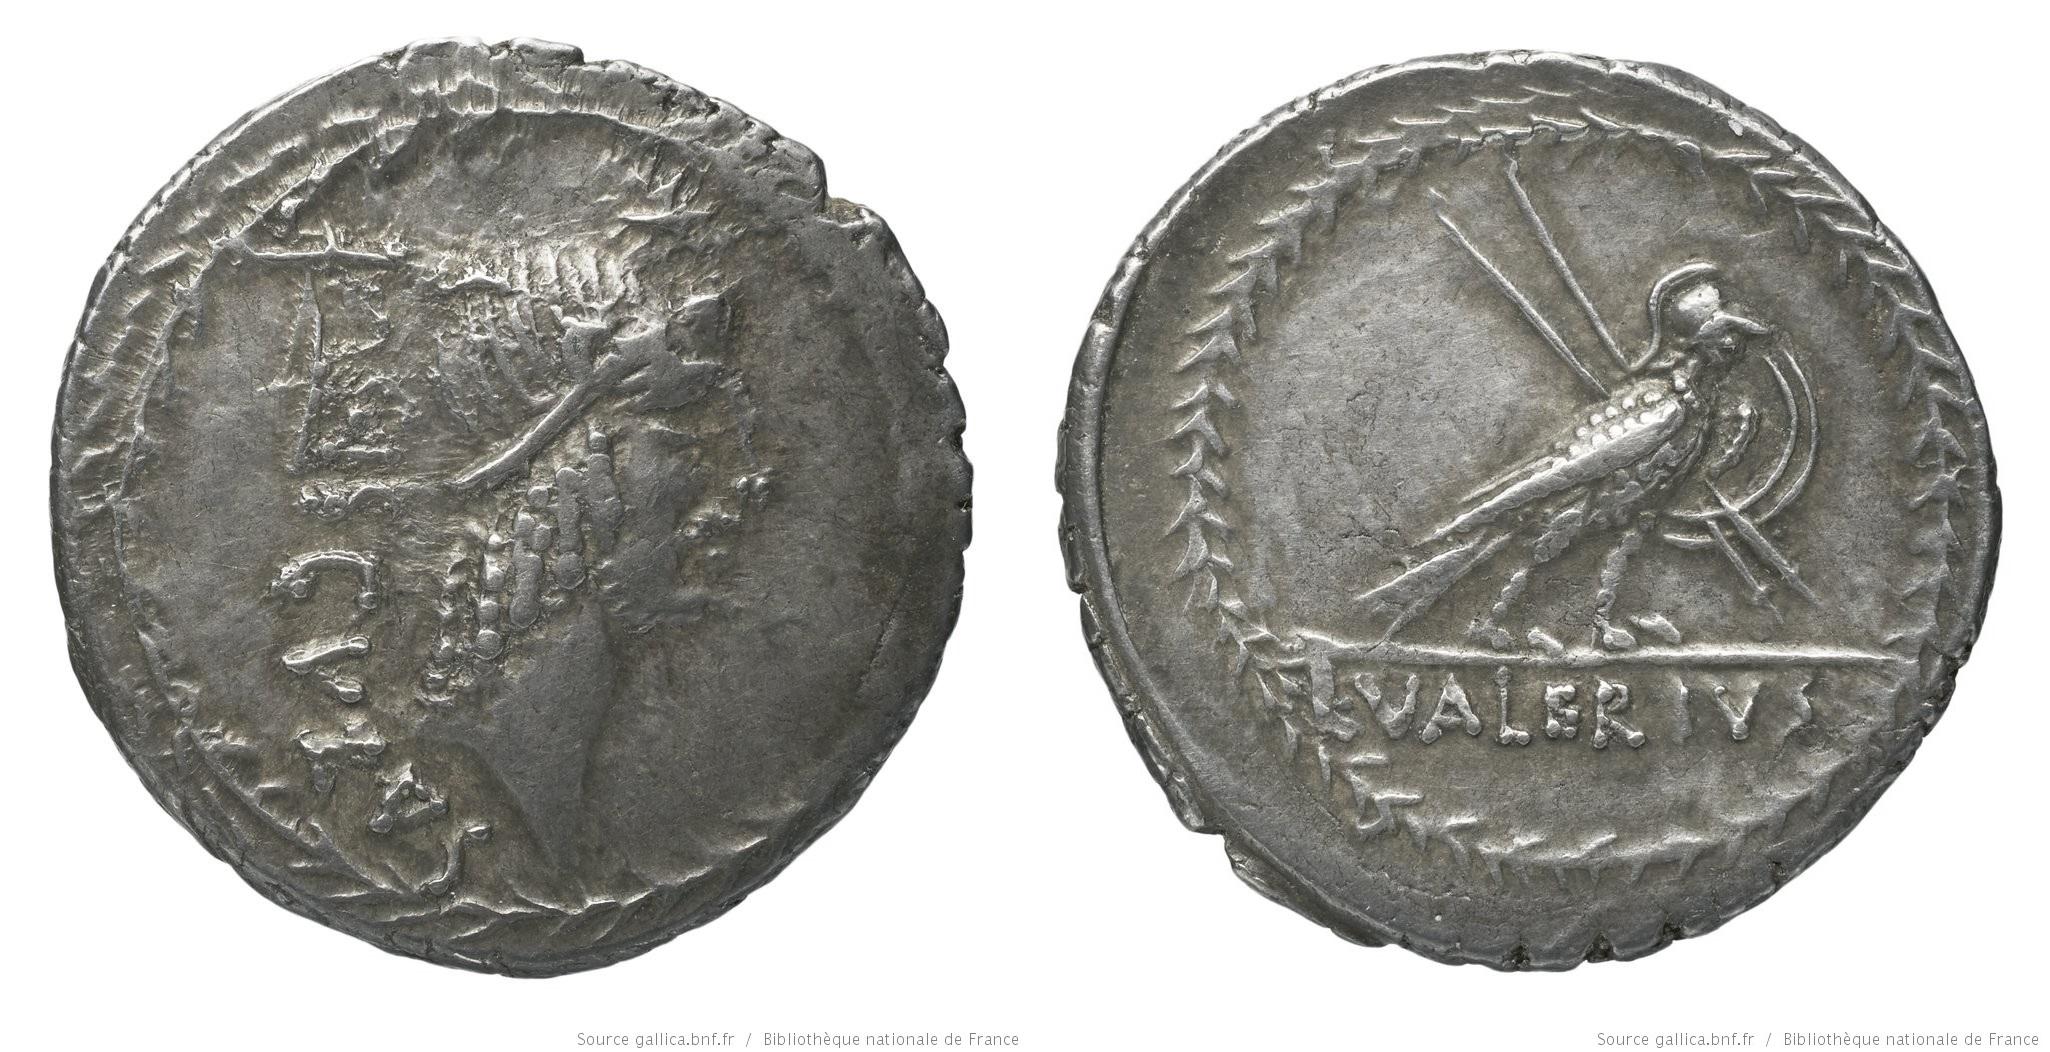 1508VA – Denier Valeria – Lucius Valerius Acisculus